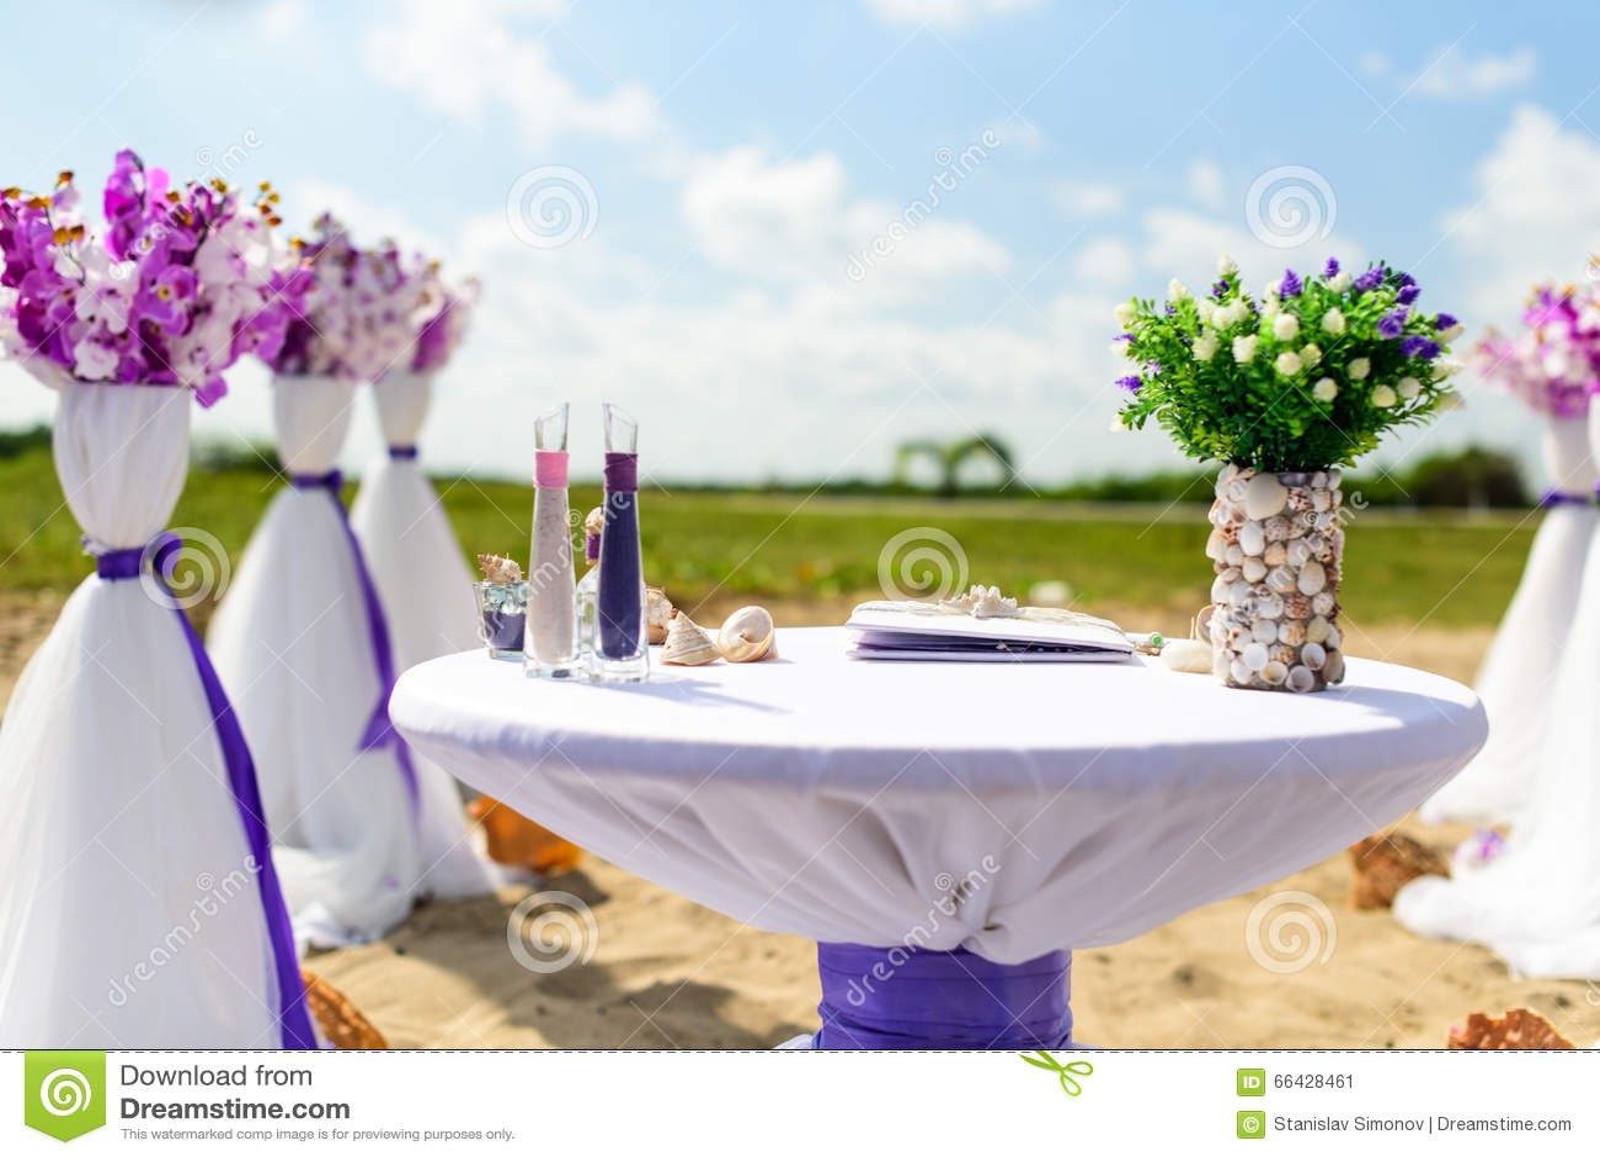 Decoratie voor huwelijken op de oceaan stock foto afbeelding 66428461 - Decoratie voor wijnkelder ...